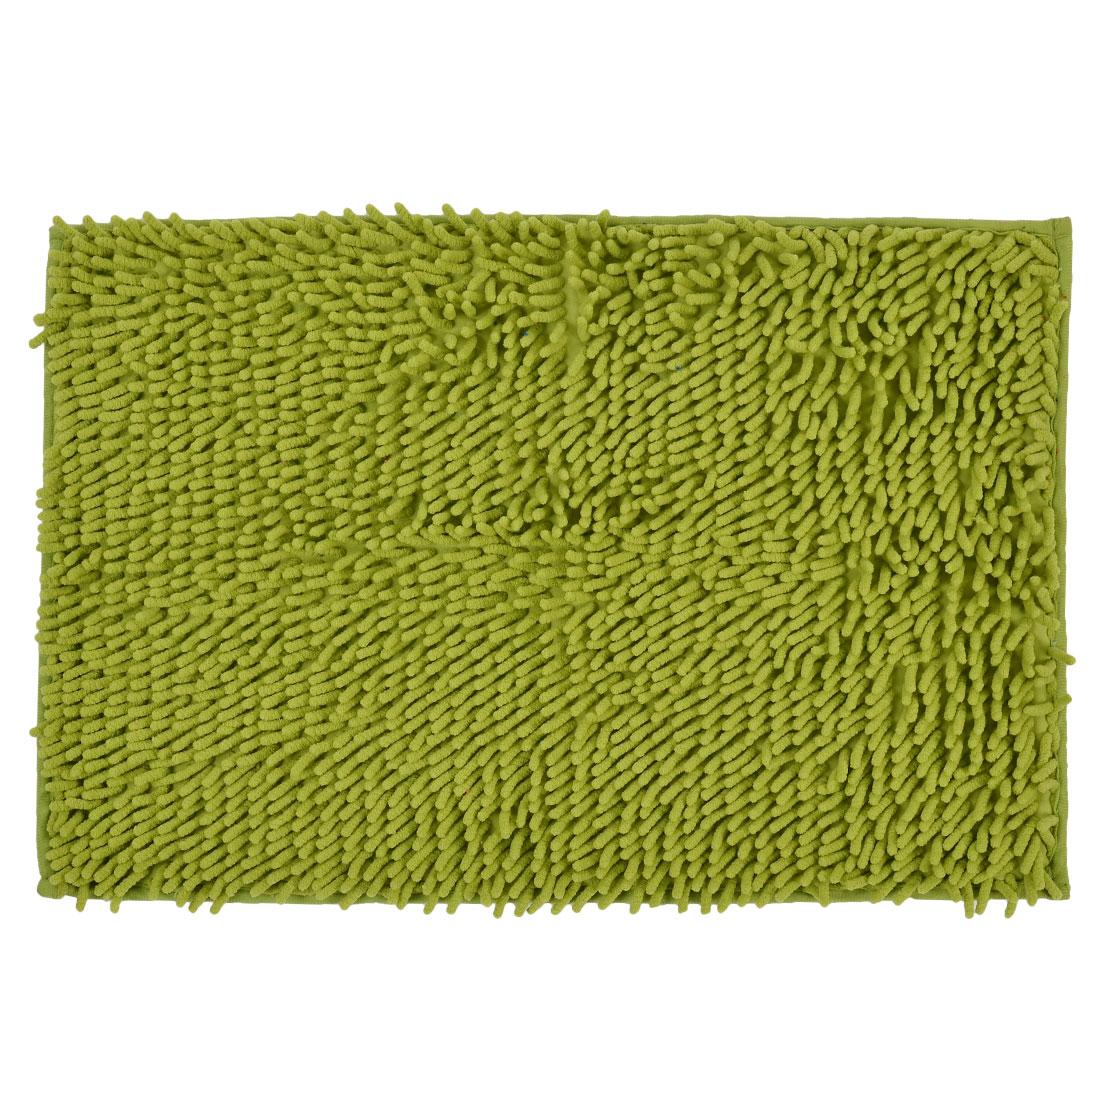 60cm x 40cm Olive Green Polyester Absorbent Slip-resistant Pad Bath Mat Shower Rug